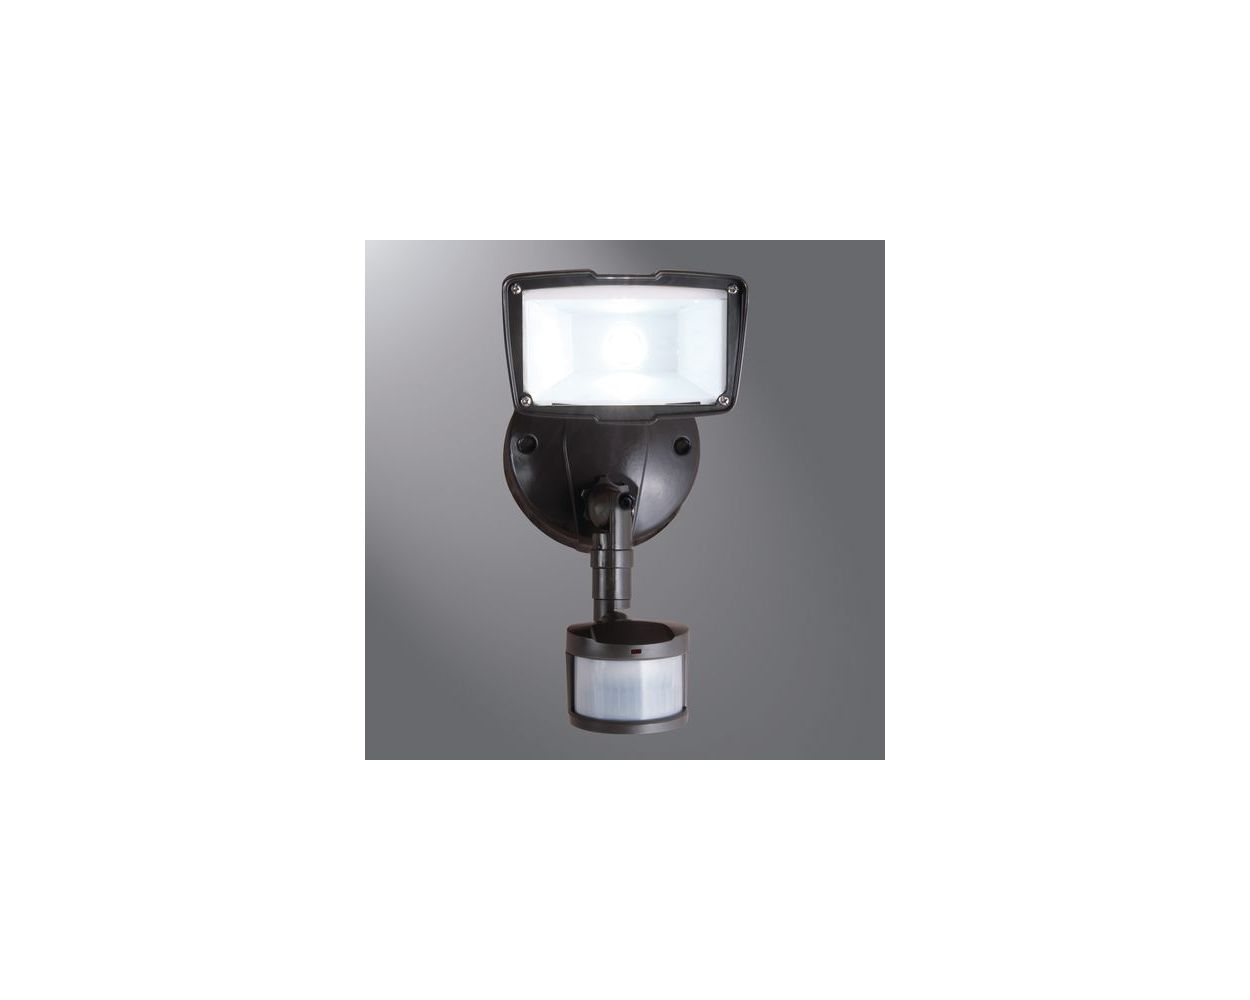 cooper lighting 110 degree motion small single led floodlight energy star bronze